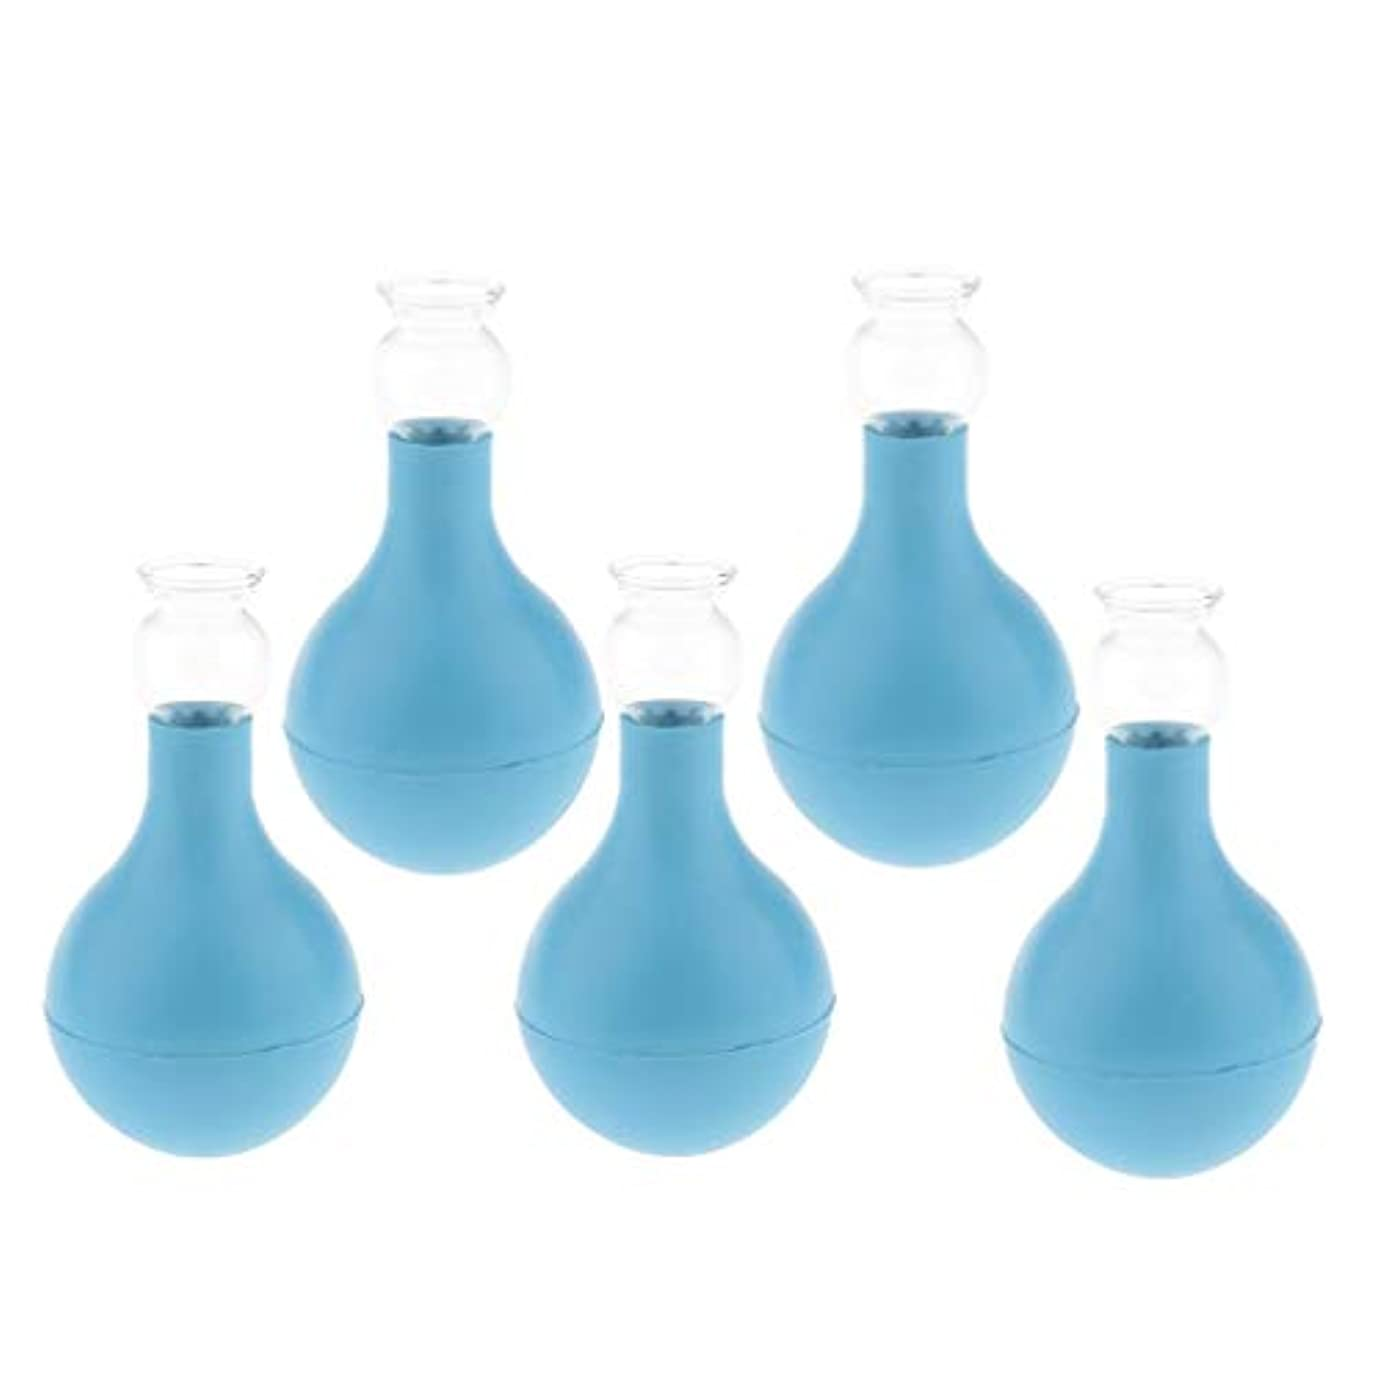 安定威する構成D DOLITY マッサージ 吸い玉 カッピング 5個 シリコン ガラス 顔 首 背中 胸 脚 全身用 2サイズ選ぶ - ブルー+ブルー3cm, 3cm